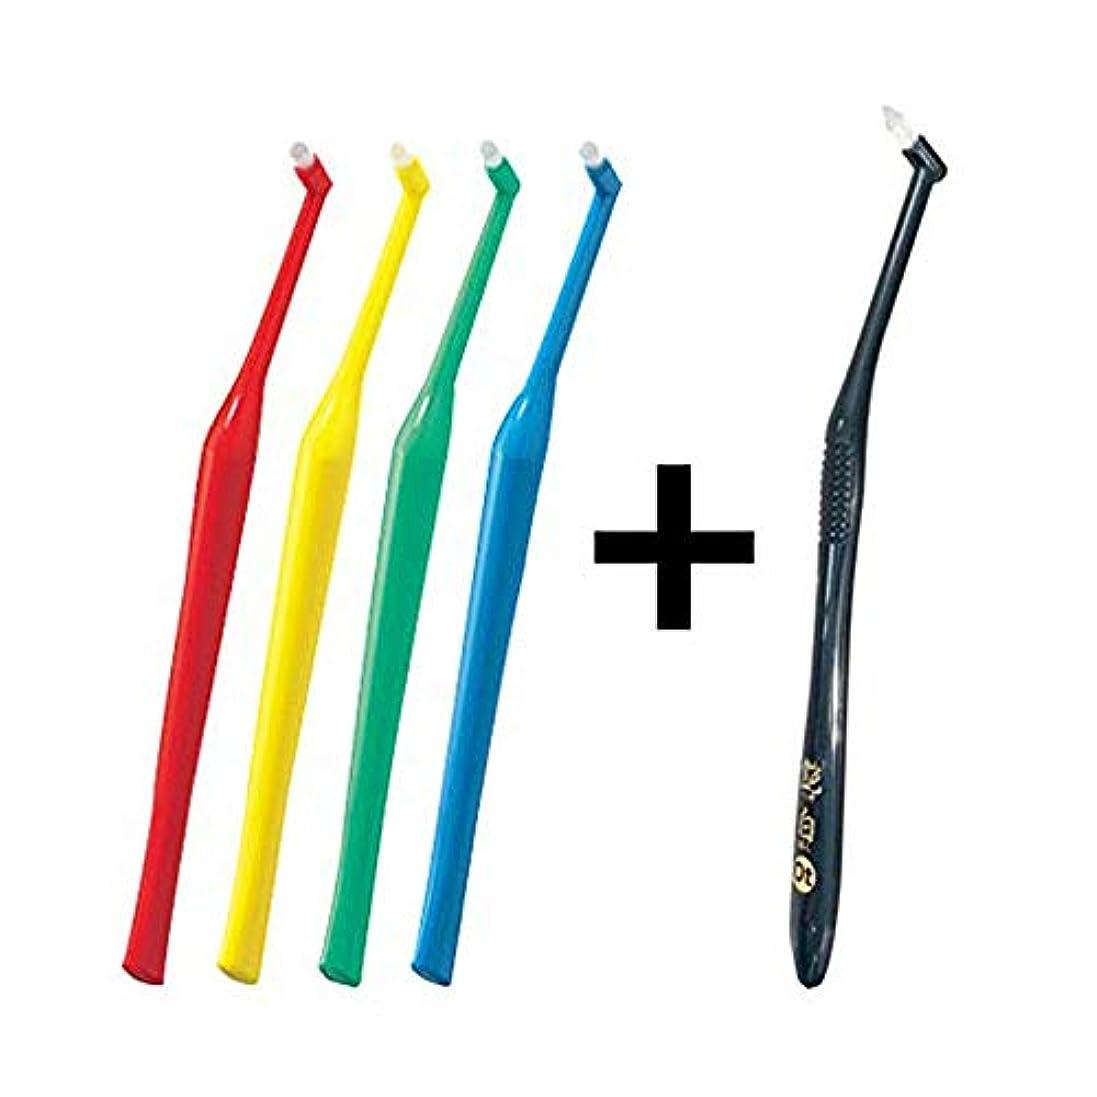 いいね策定するダーベビルのテスプラウト Plaut × 4本 アソート (S(ソフト))+艶白ワンタフト 歯ブラシ 1本 SS(とてもやわらかめ)